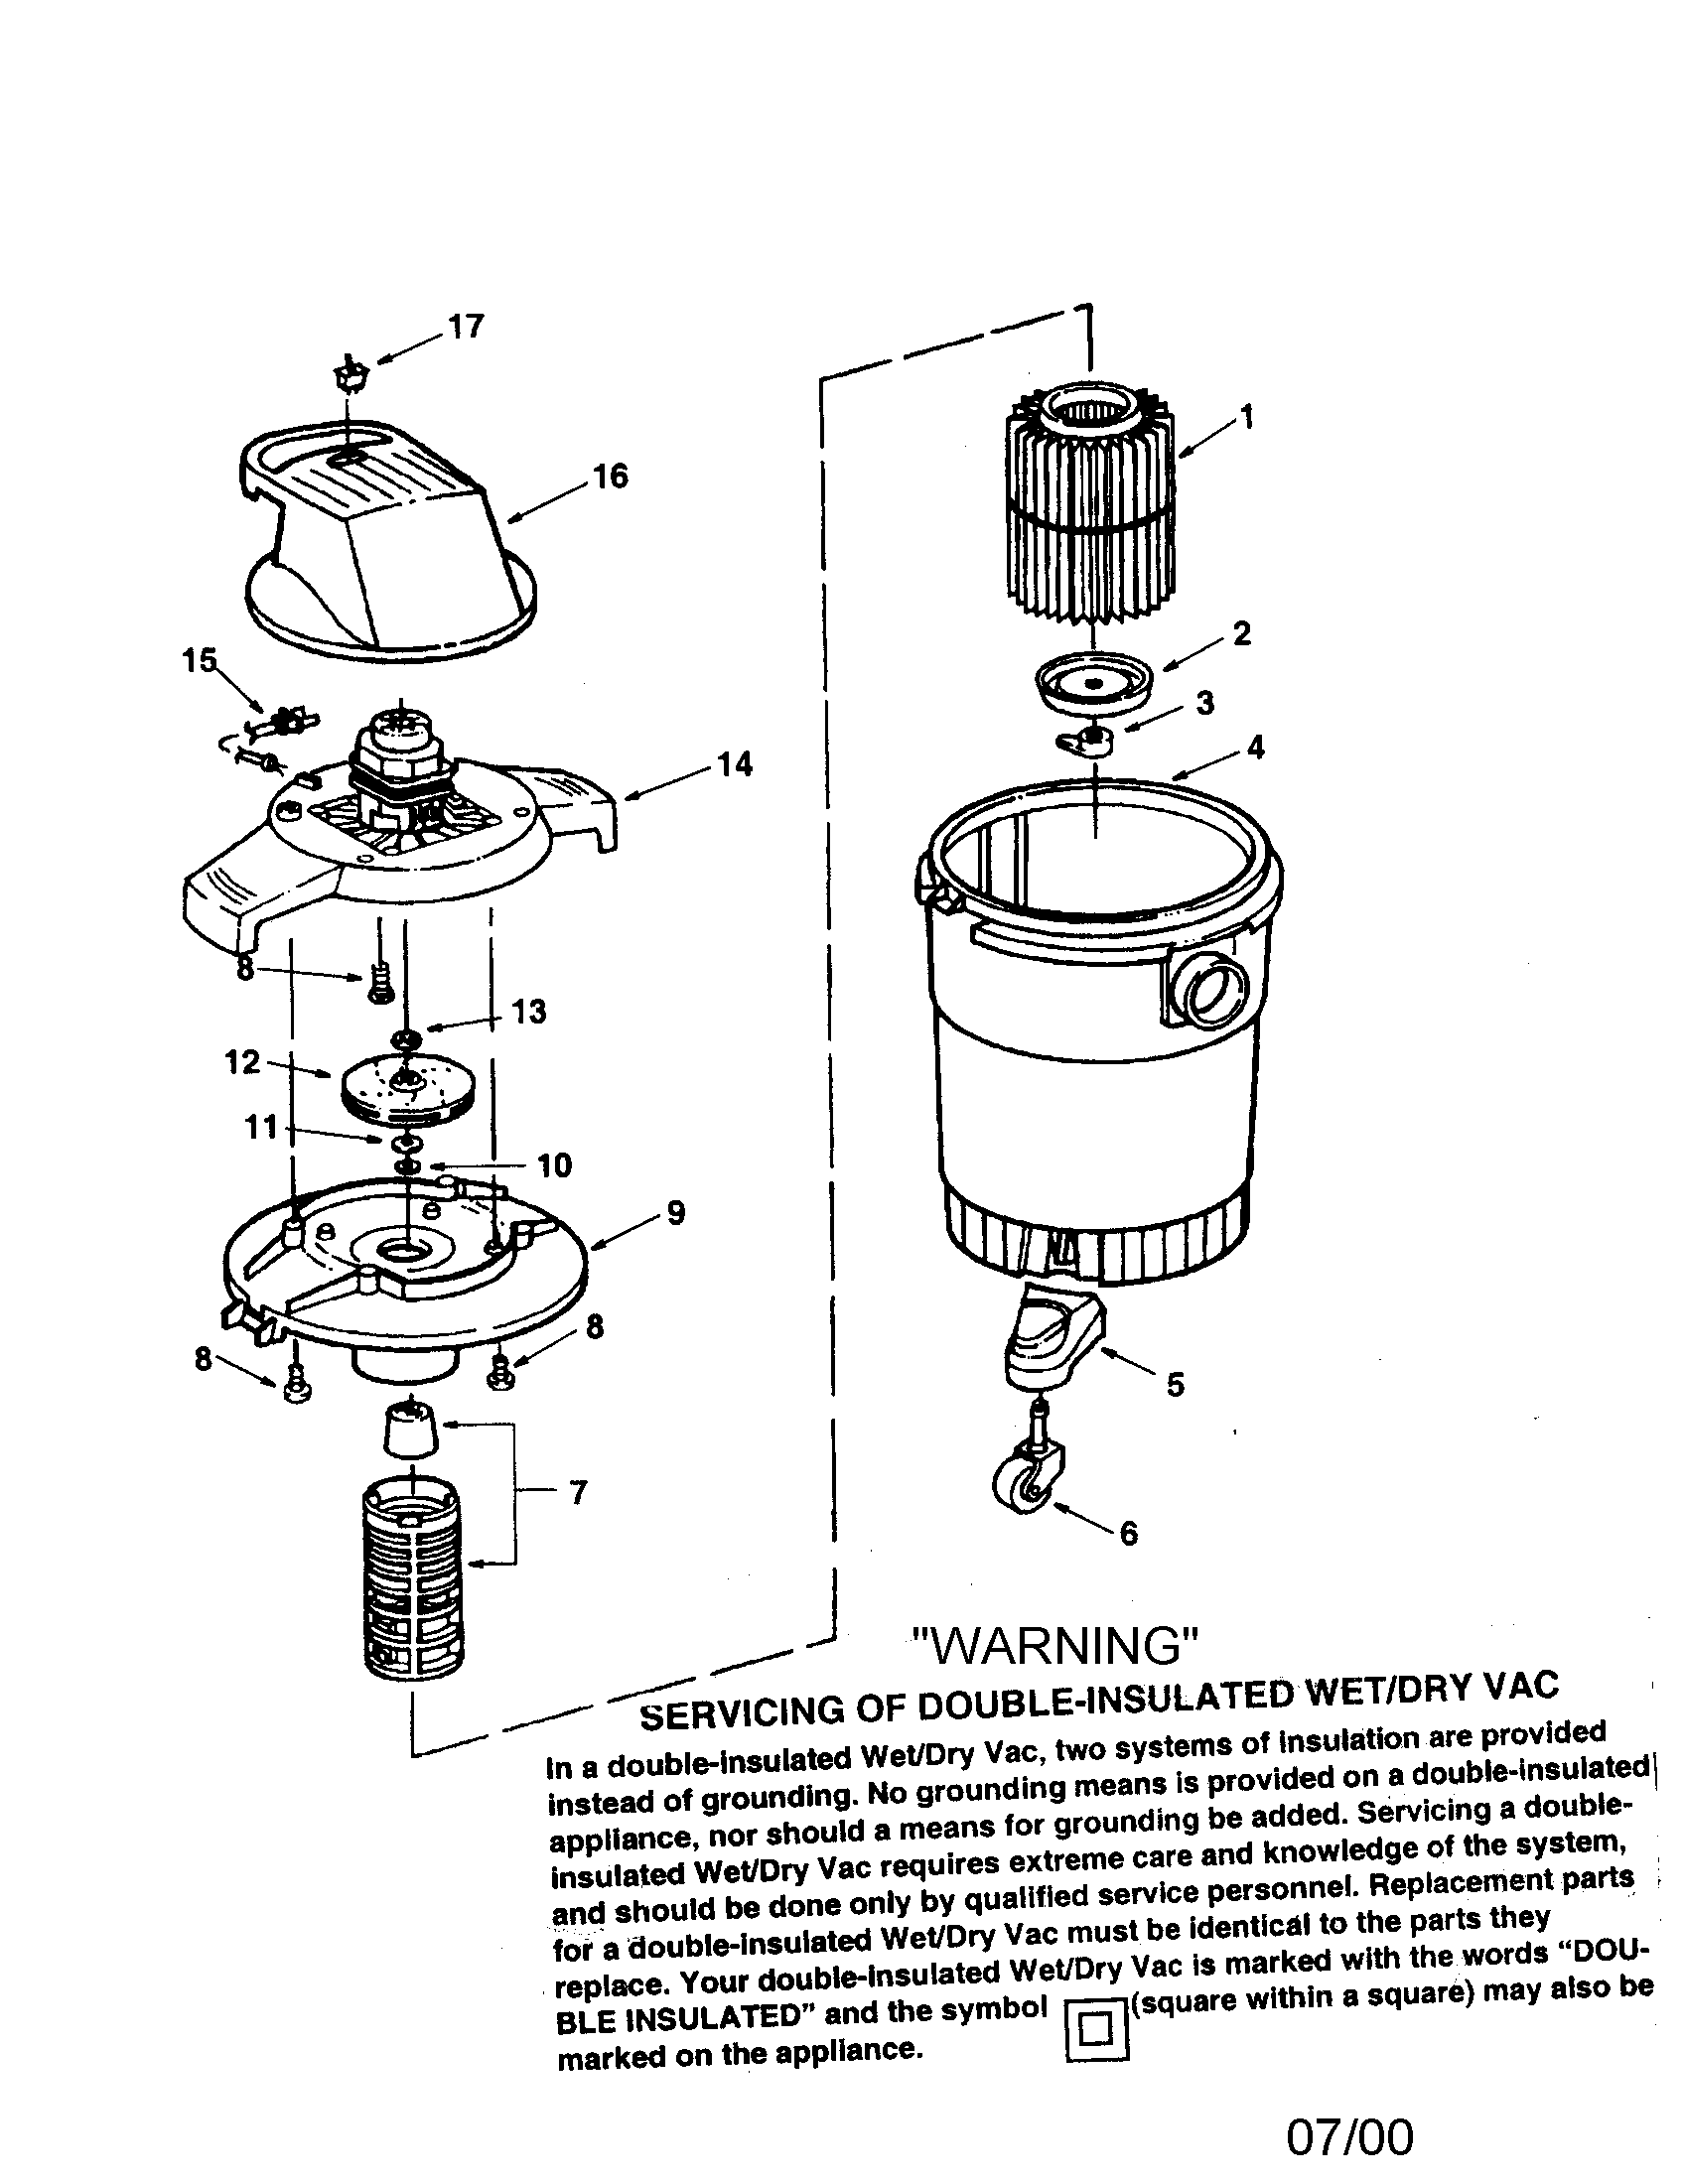 Craftsman model 113177865 wet/dry vacuum genuine parts